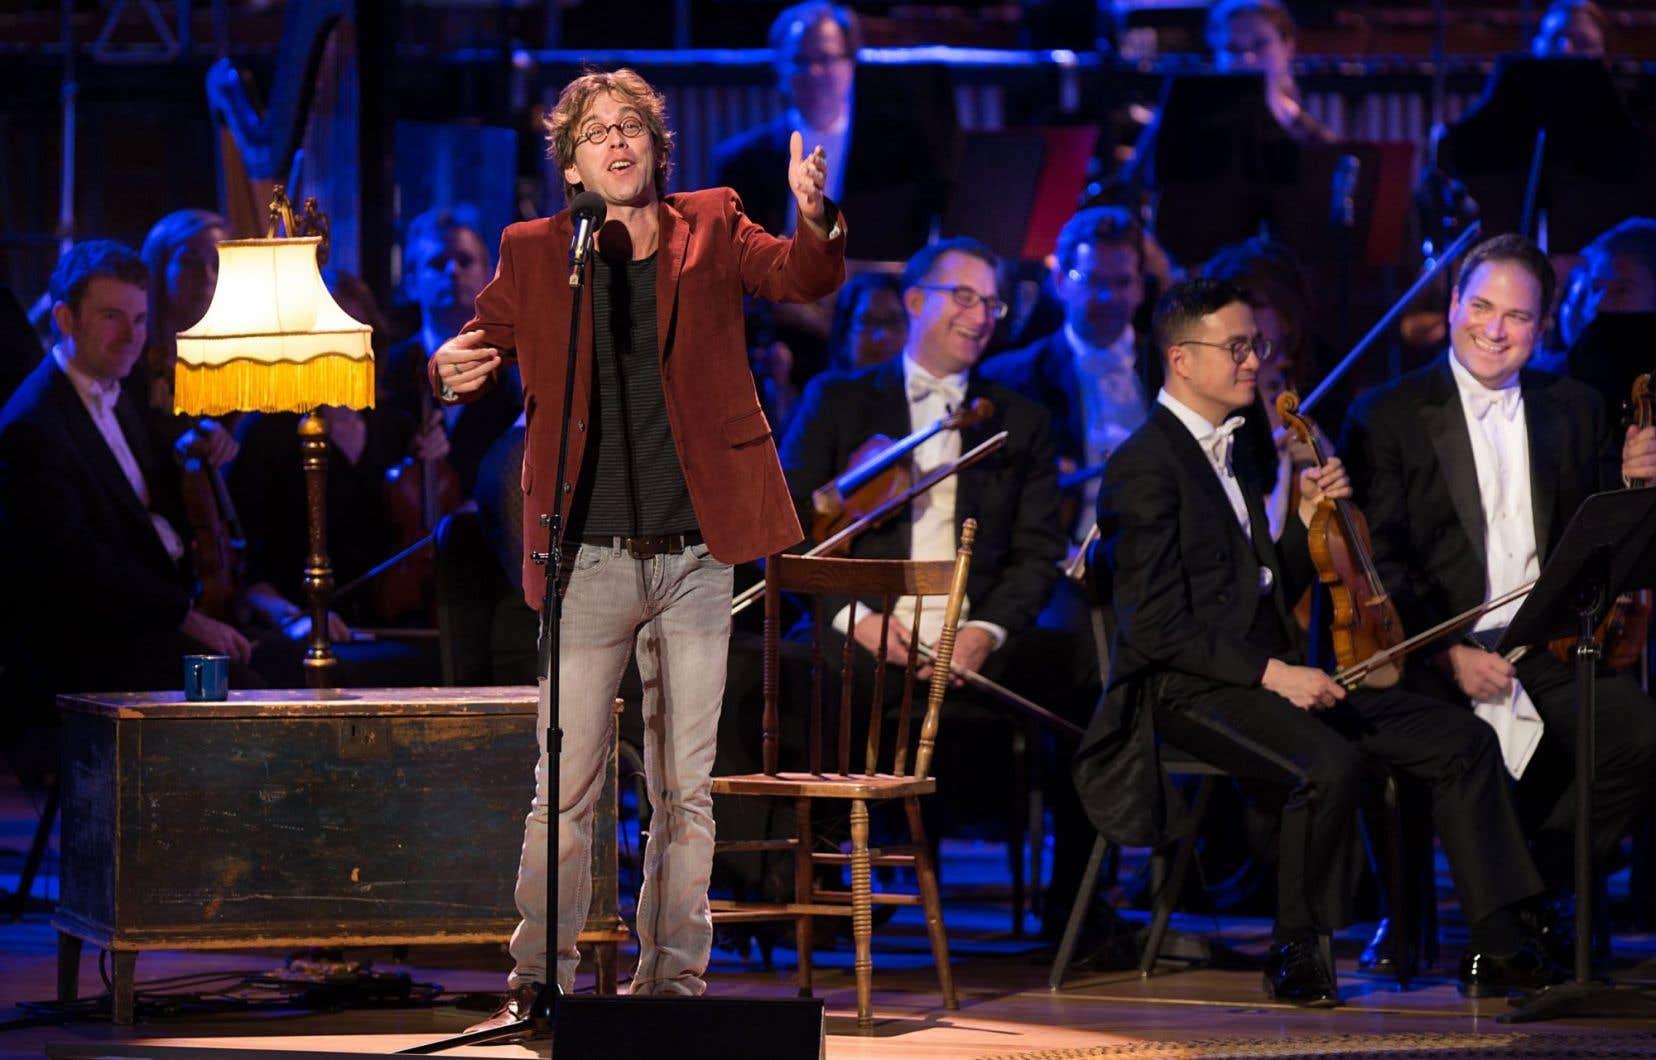 Fred Pellerin et l'Orchestre symphonique de Montréal s'associaient mercredi soir pour la troisième fois pour composer un conte de Noël musical.